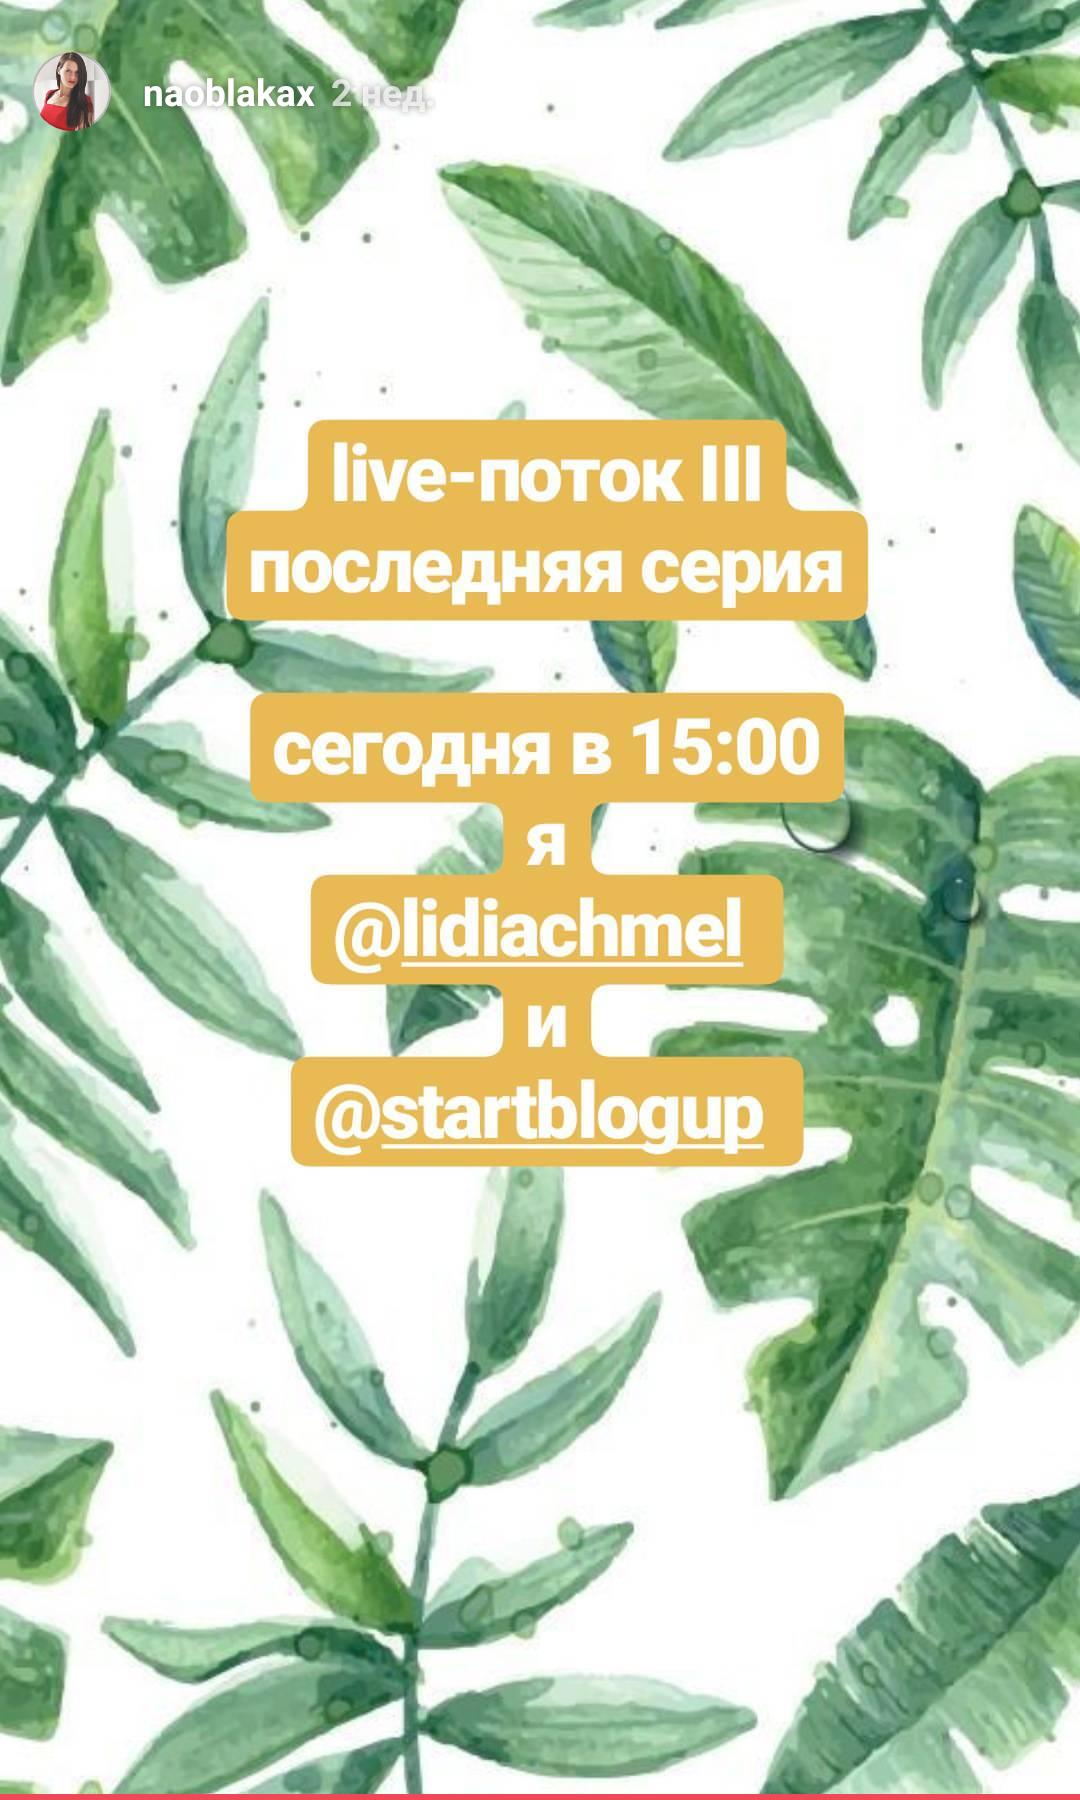 soobrazili-na-troix-kak-sovmestnye-pryamye-efiry-pomogayut-v-prodvizhenii-instagram-akkaunta-kejs | naoblakax.ru